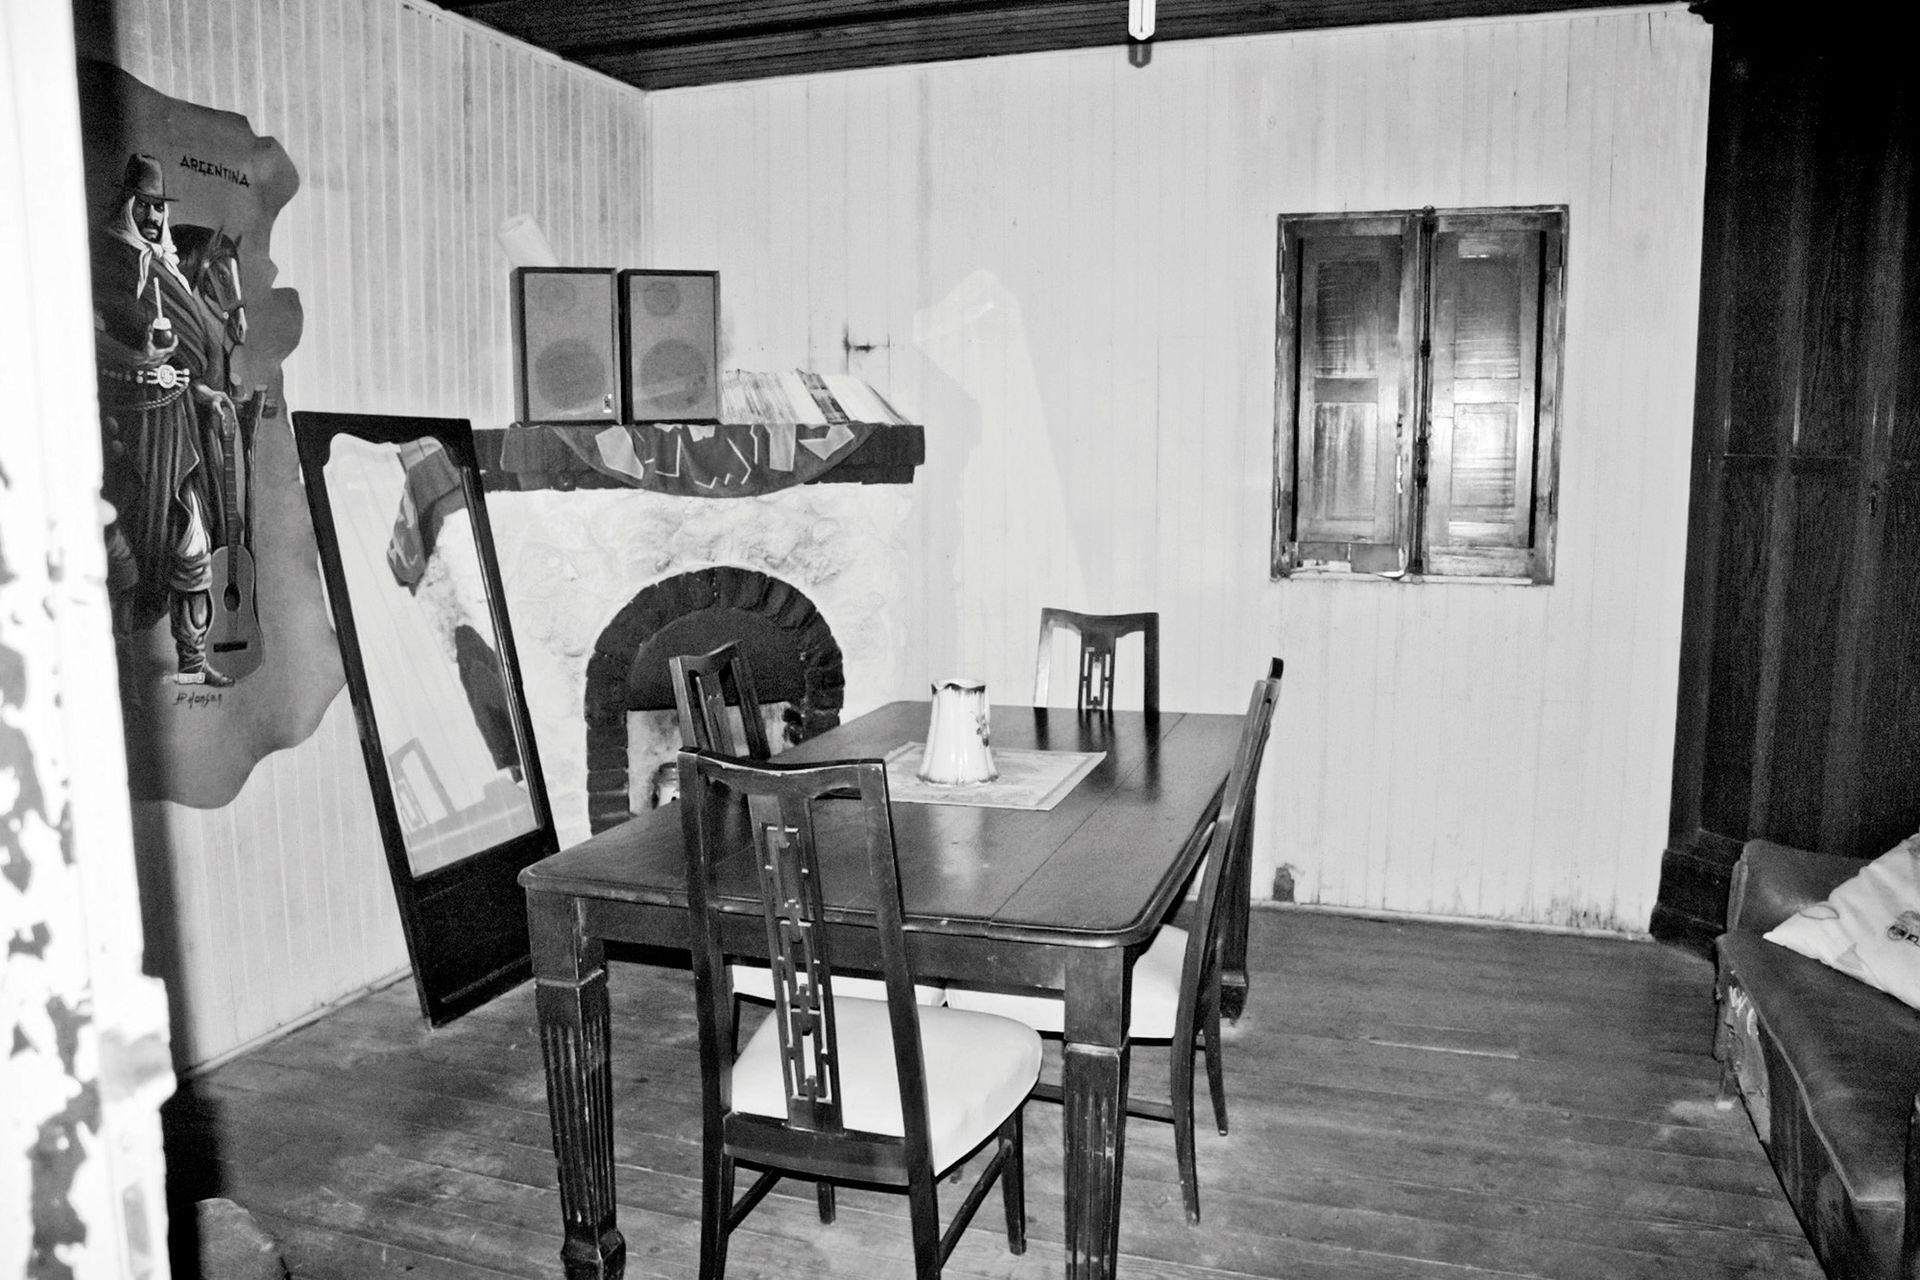 Antes: En la casa original, el piso era el tradicional de tablones de madera y contra una de las paredes había una chimenea en esquina.